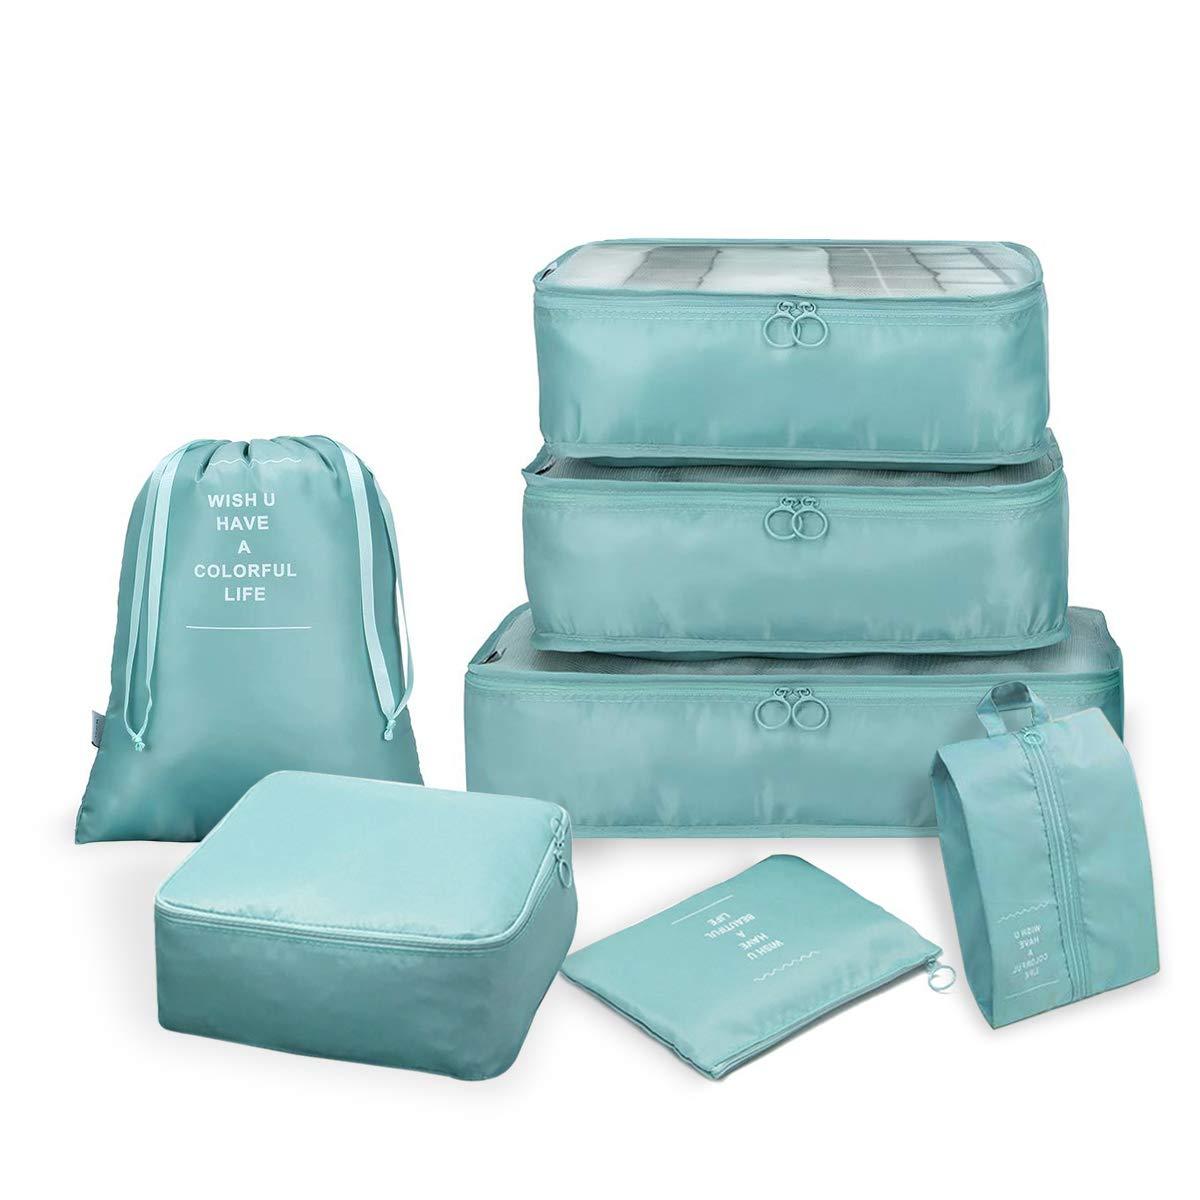 Azul Claro con Bolsa para Zapatos HAISSKY de poli/éster - Luggage Bags Organizers Juego de 7 organizadores de Viaje Plegables Resistentes al Agua Azul